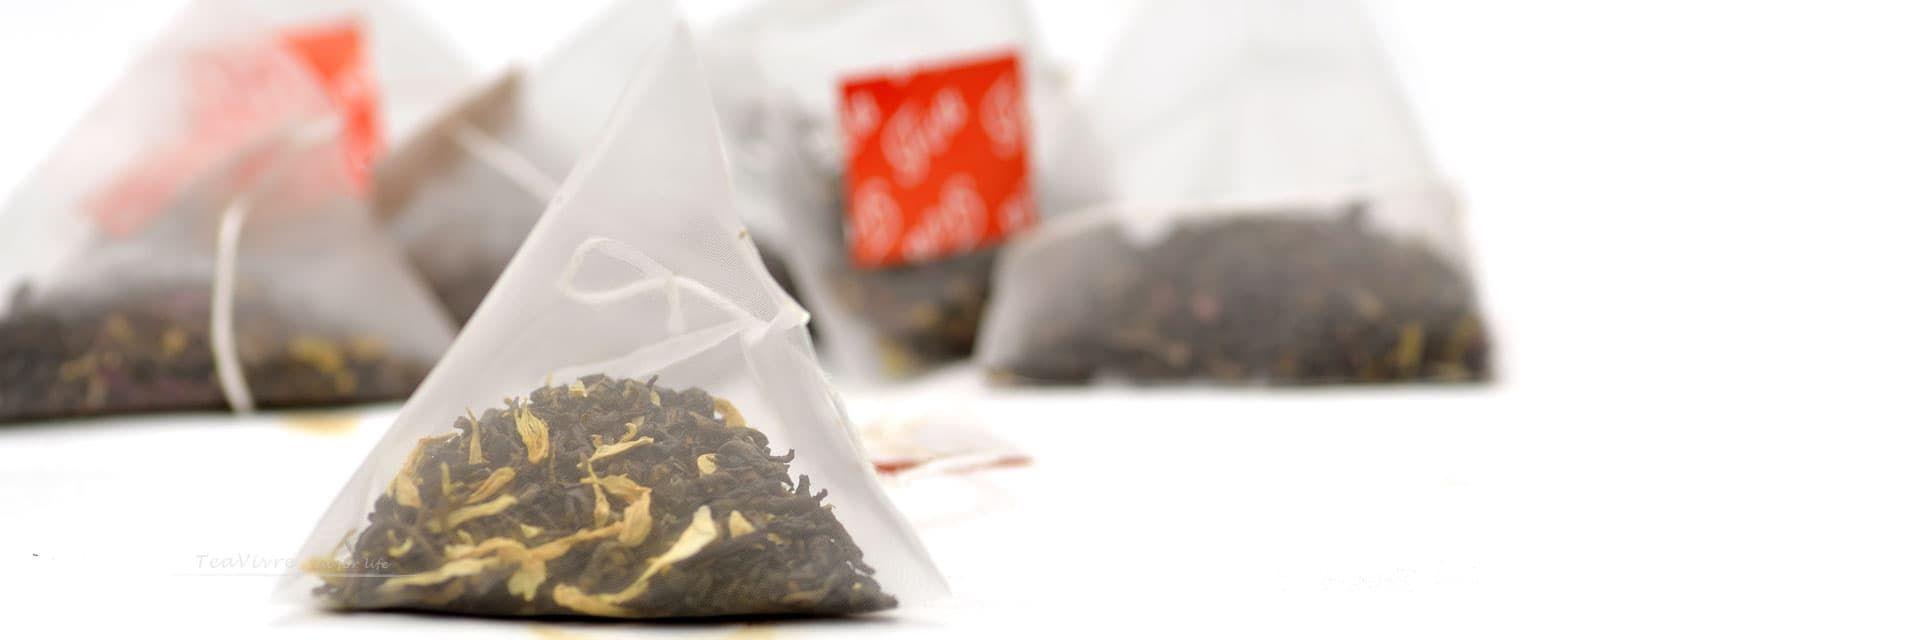 بهترین چای کیسه ای رفاه لاهیجان